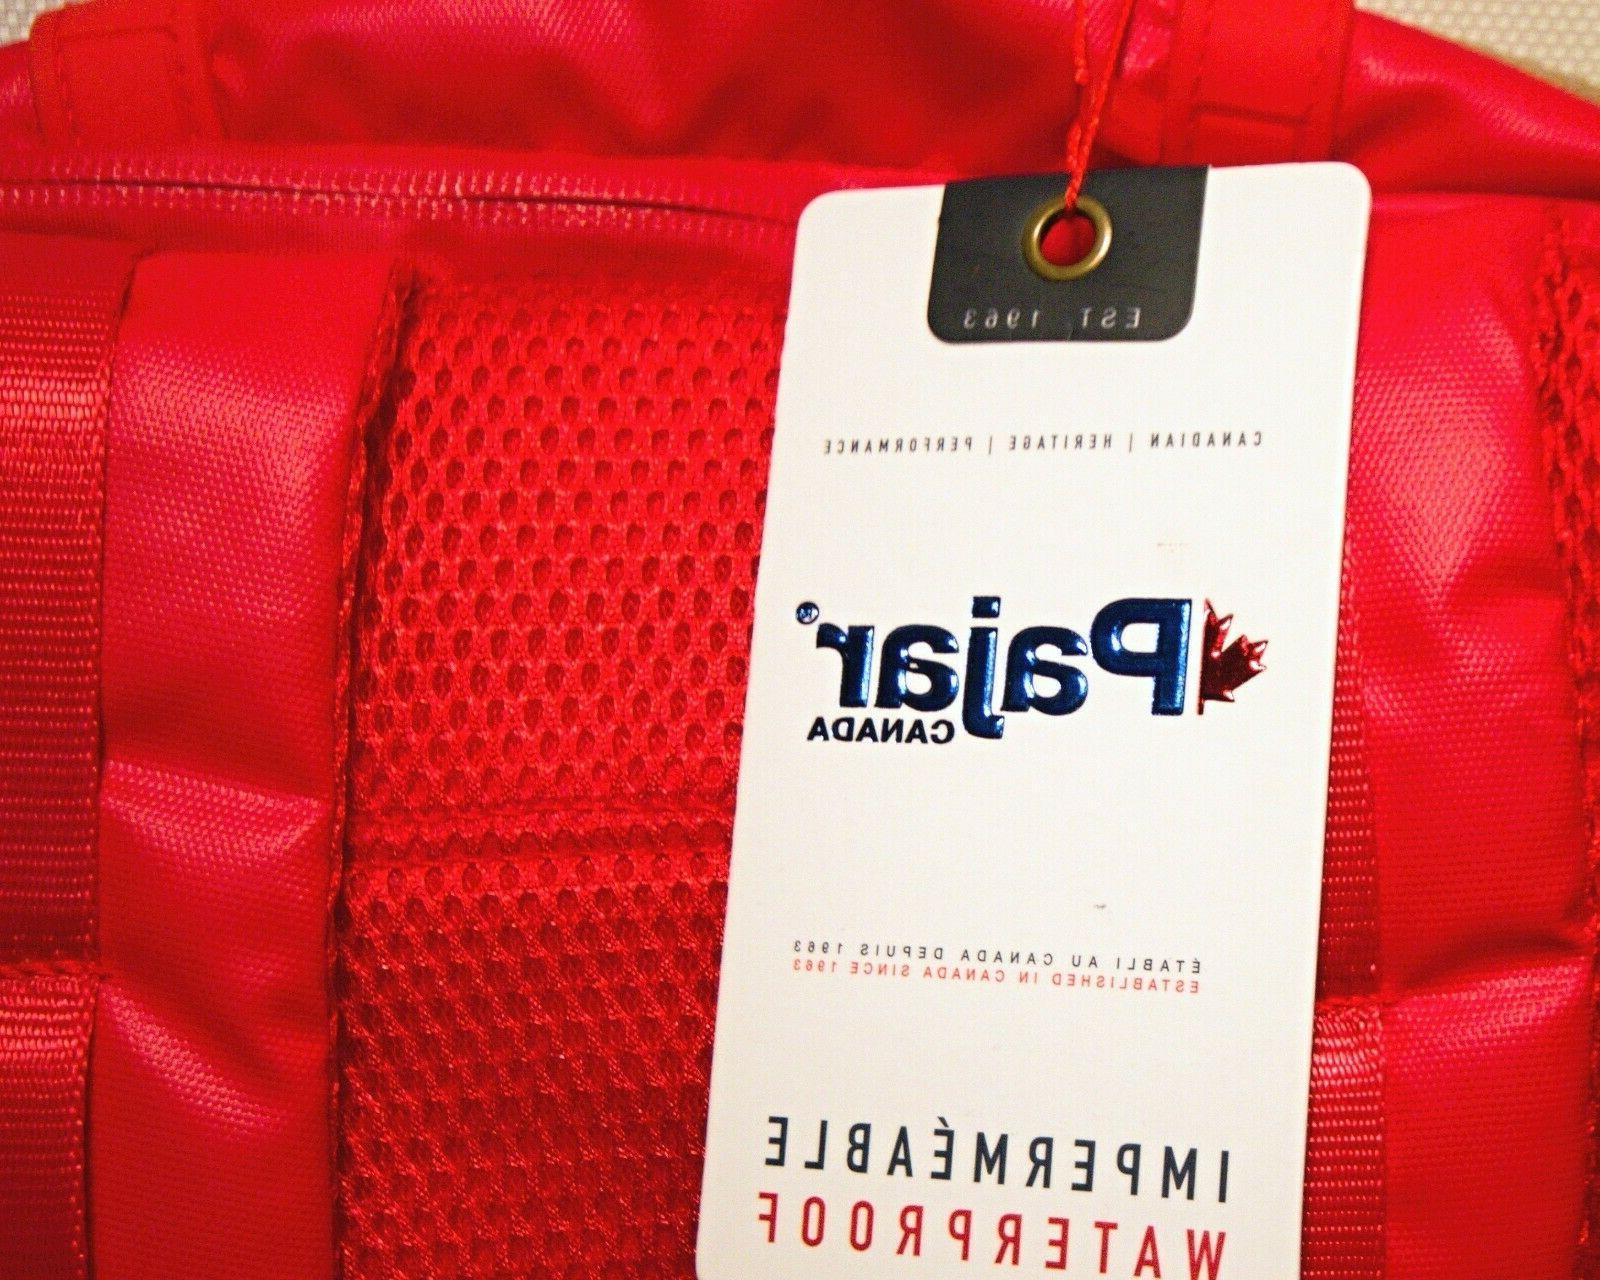 Pajar bagpack for men-Red